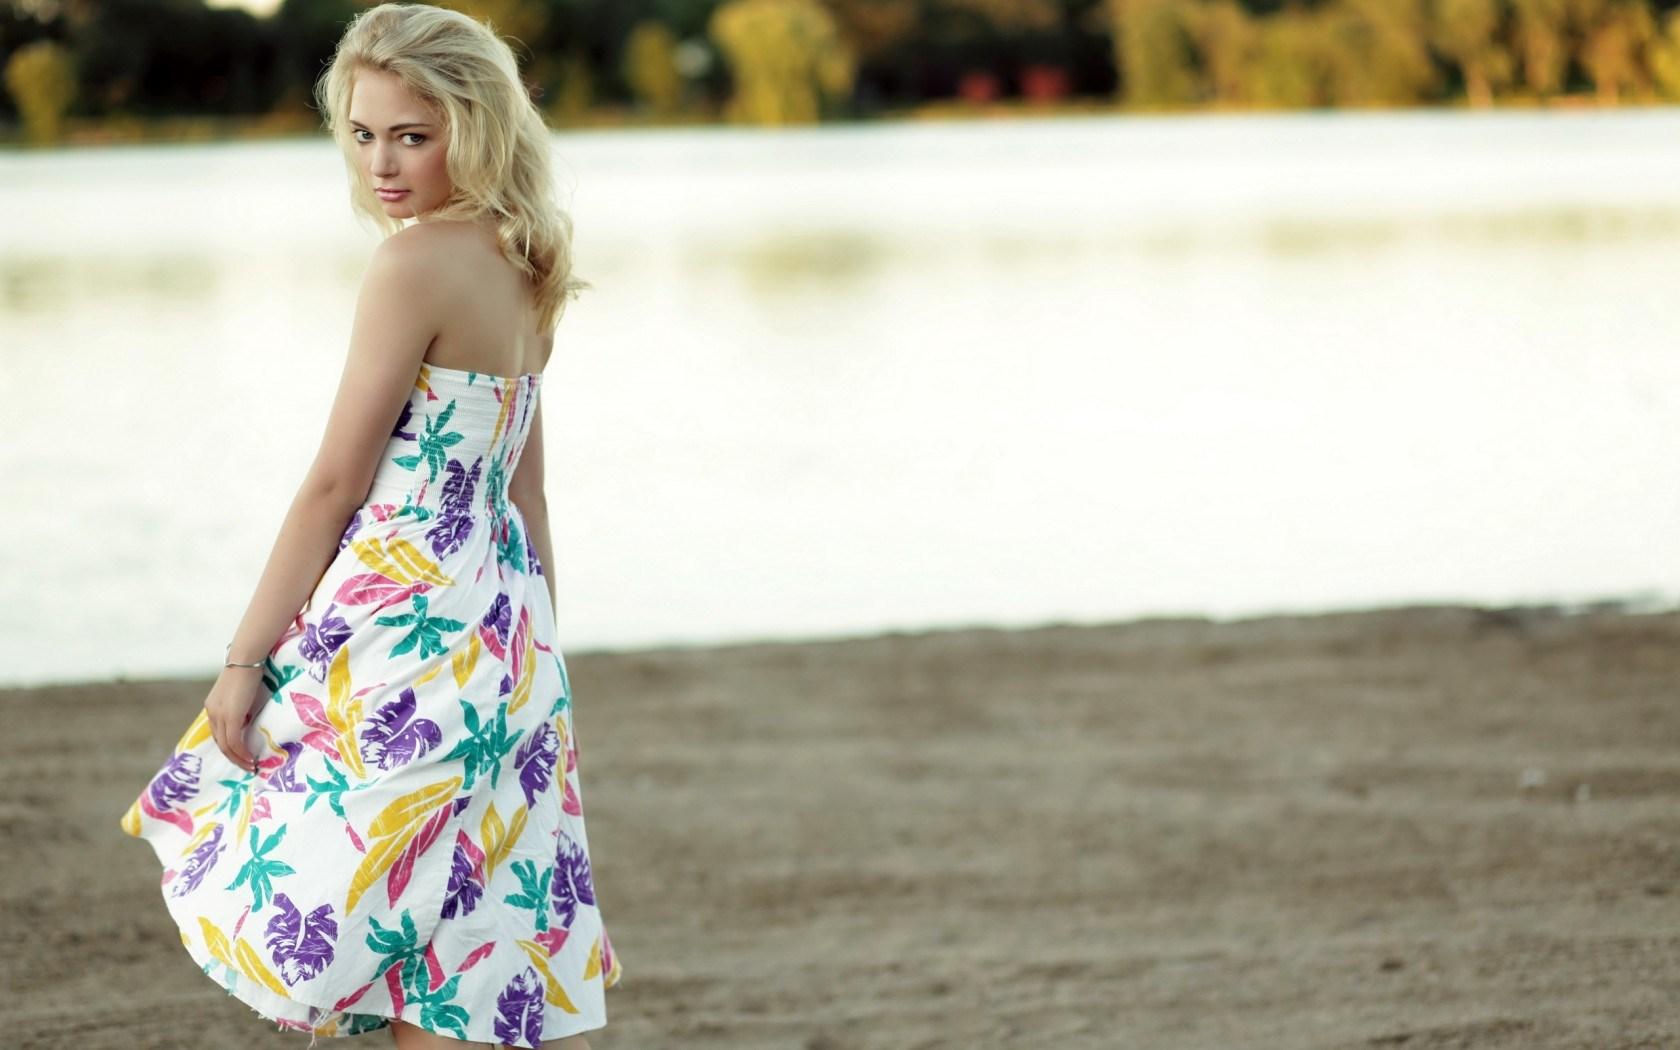 Girl Blonde Dress Lake